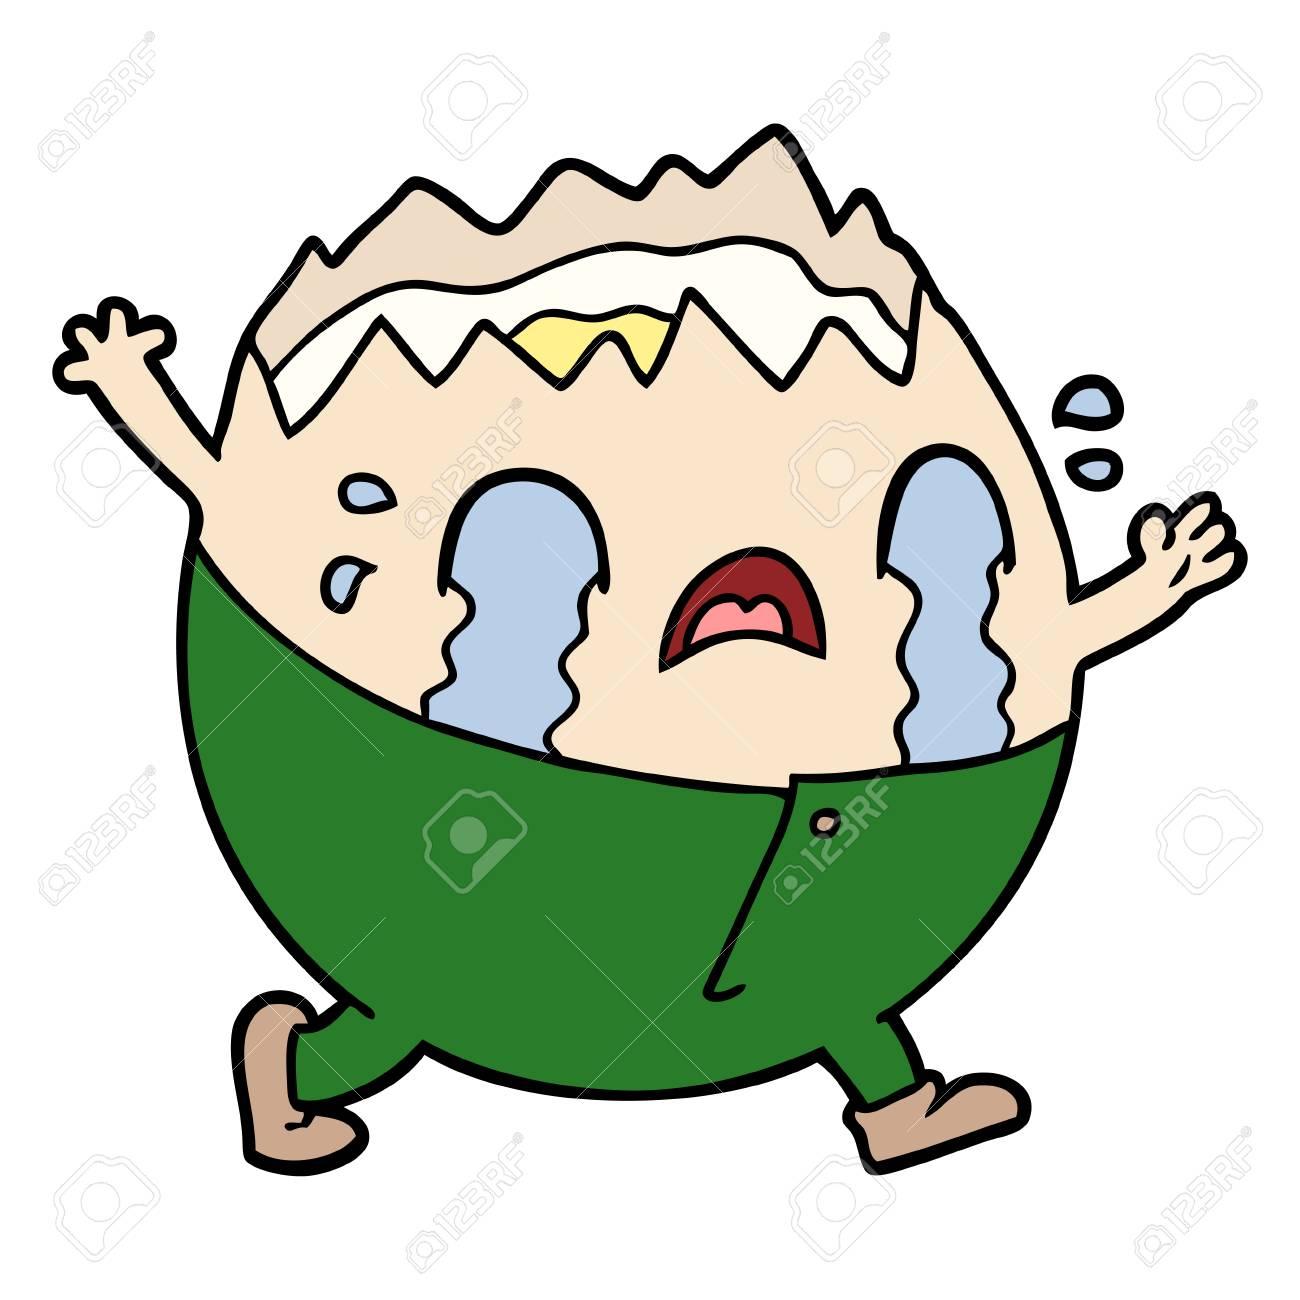 Homme D'oeuf De Dessin Animé Humble Dumpty Pleurer destiné Dessin D Oeuf